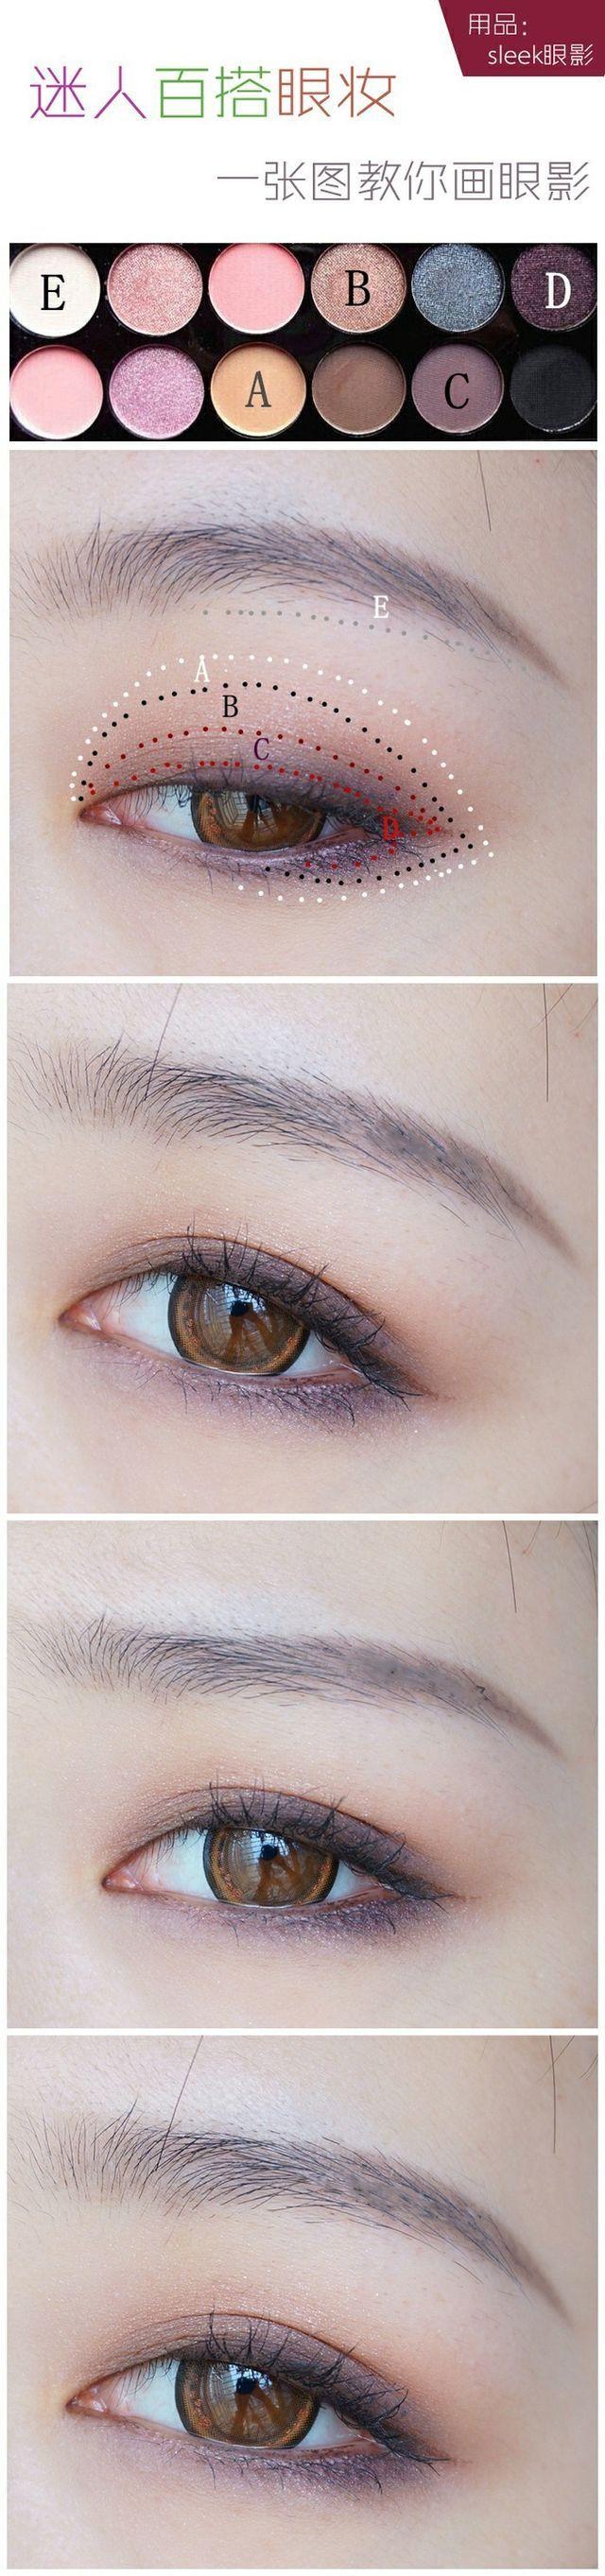 Eye make up for asian girls